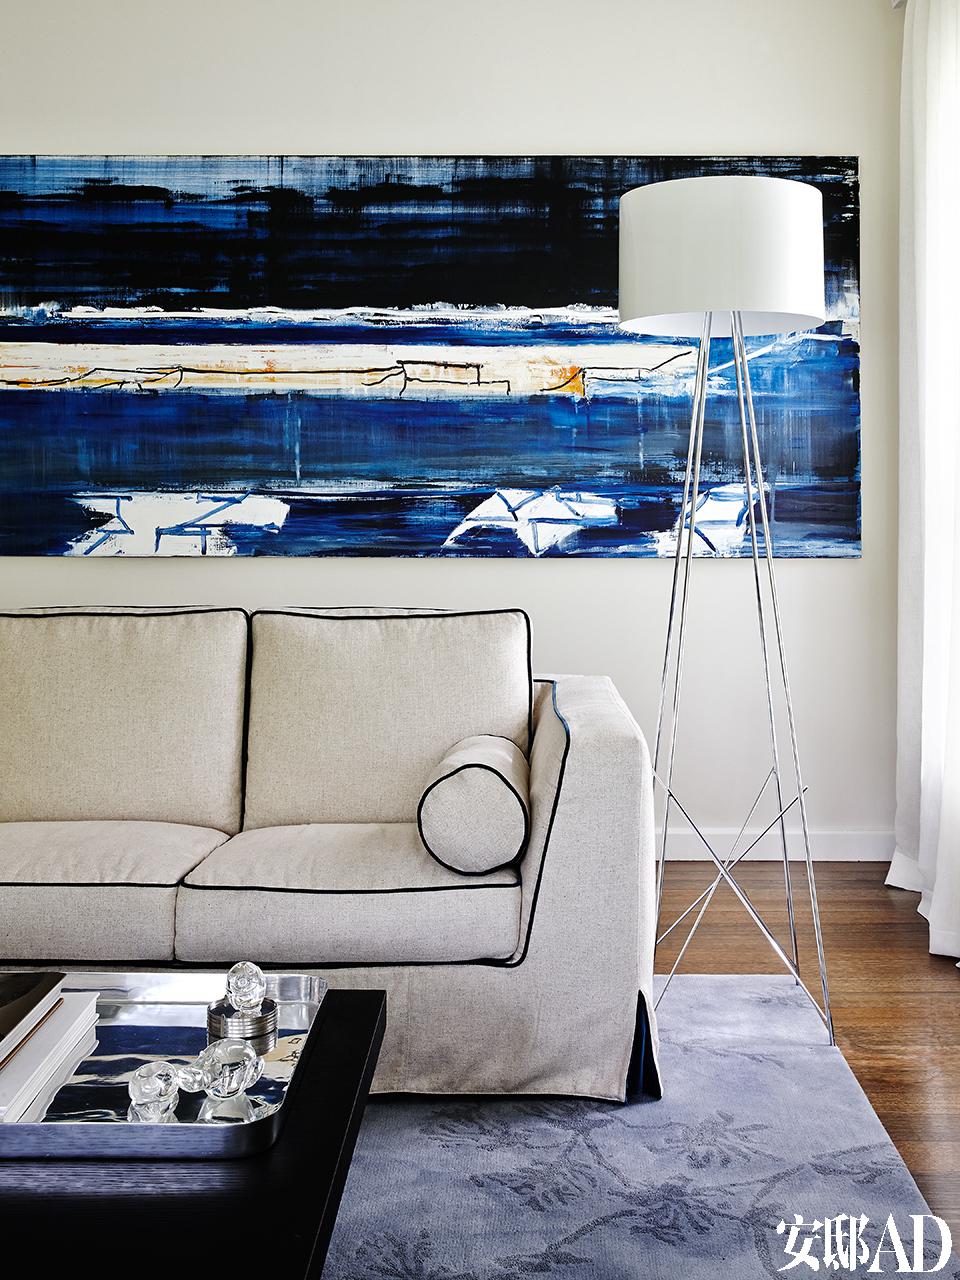 澳大利亚抽象表现派艺术家John Firth-Smith的作品《Storm Light》为客厅提供了蔚蓝的主色调,人造丝和亚麻布料的Lutetia Vestis沙发为Maxalto品牌,白色落地灯Ray来自Flos。Nexus Design设计事务所的创意总监SoniaSimpfendorfer女士和地毯艺术家Bibi Viro为该居室定制了竹纤维和羊毛混纺的地毯。